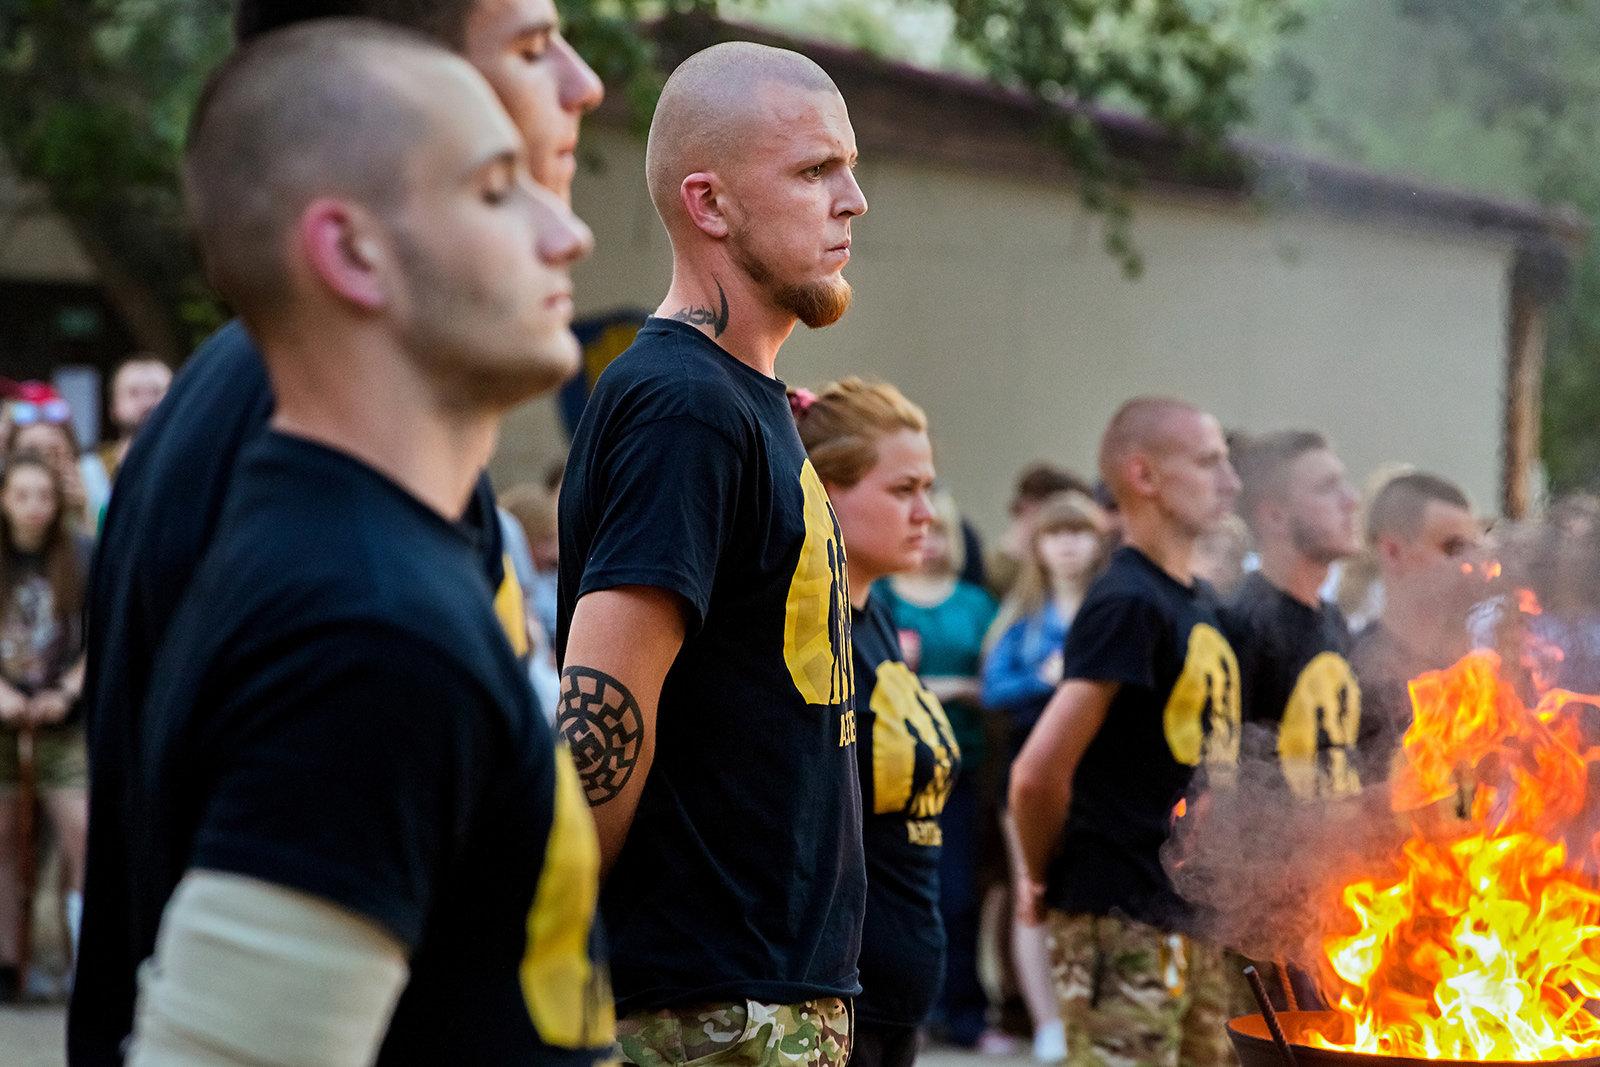 Mehrere Jugendliche stehen am Feuer, sie tragen Asow-T-Shirts